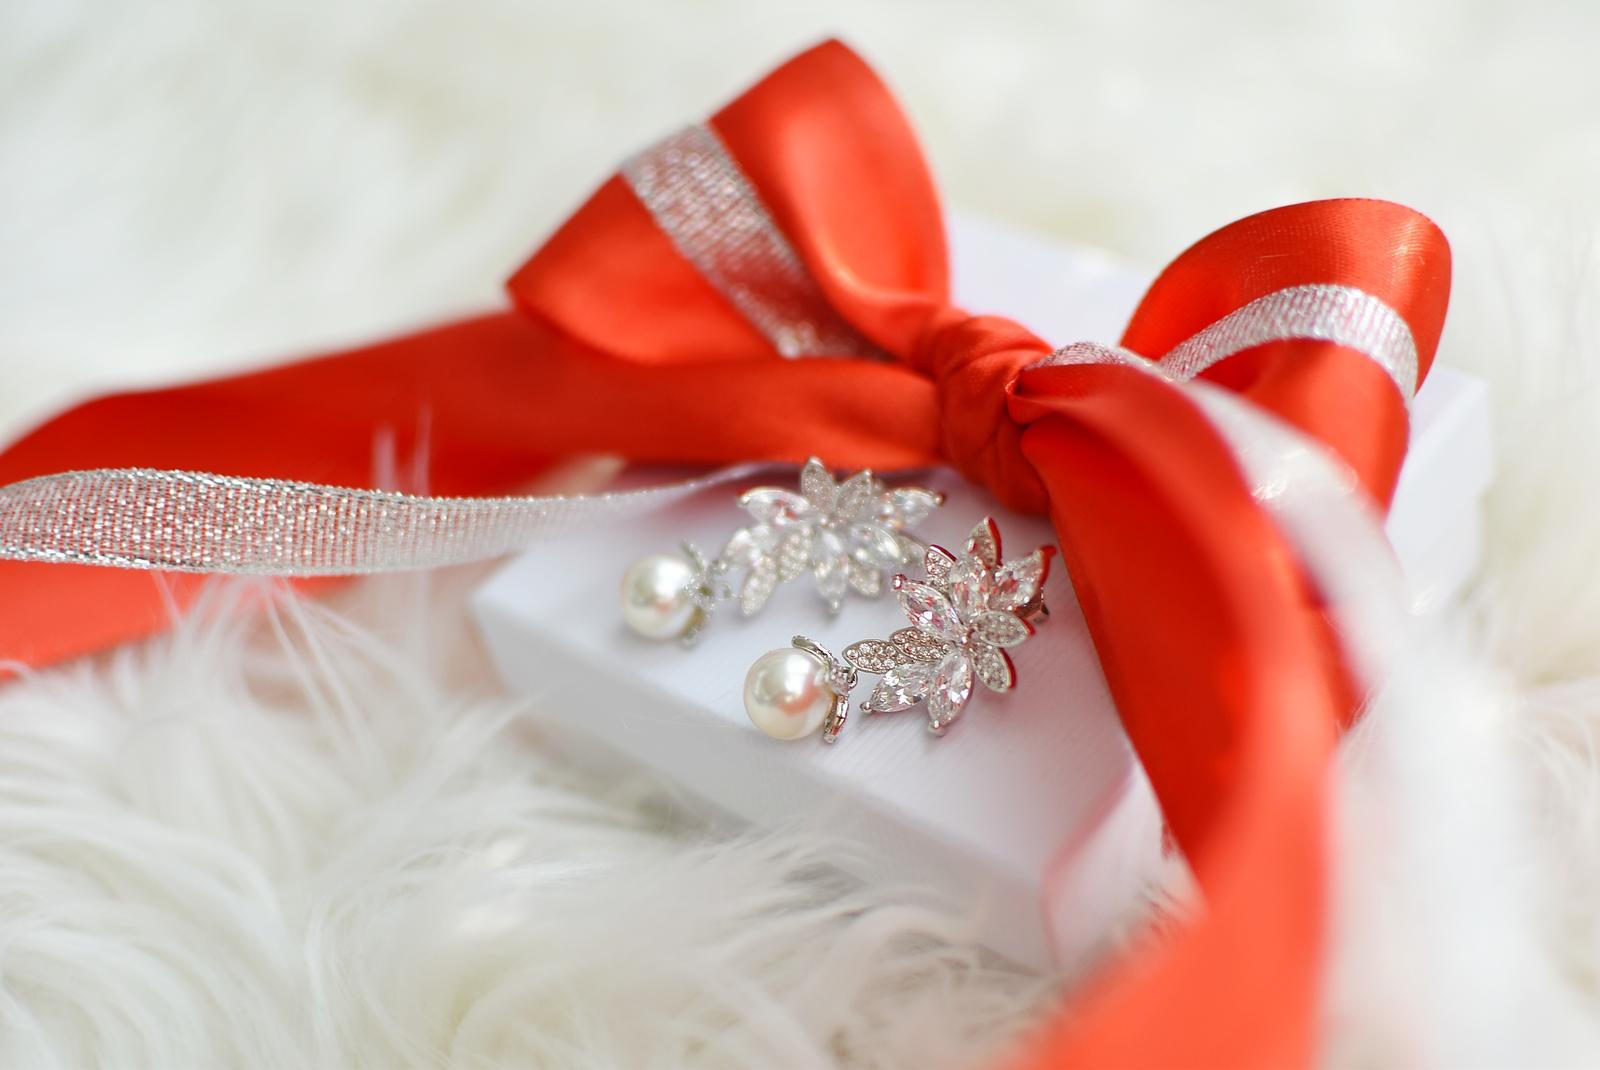 Vianočné zľavy na všetky náušničky do vypredania zásob!!! - Skvelé zľavy až do 18.12. na všetky náušničky do vypredania zásob + 🎀vianočné balenie ZDARMA🎀 www.marieedesign.sk